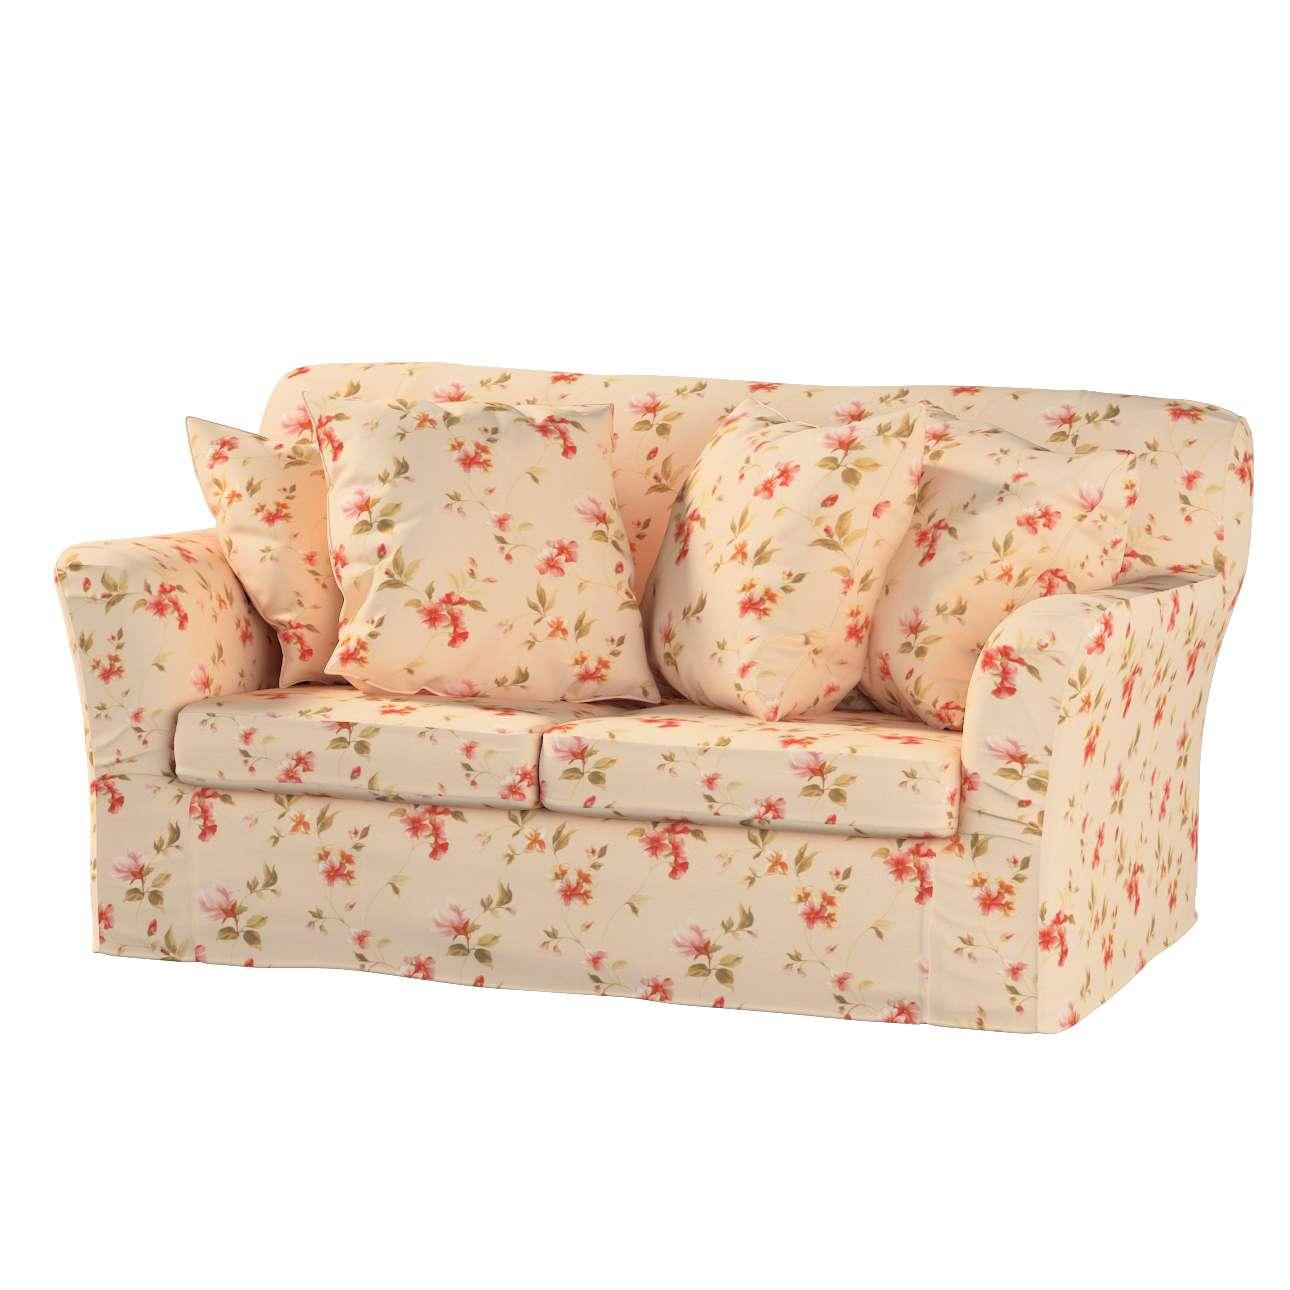 Tomelilla 2-Sitzer Sofabezug nicht ausklappbar Sofahusse, Tomelilla 2-Sitzer von der Kollektion Londres, Stoff: 124-05